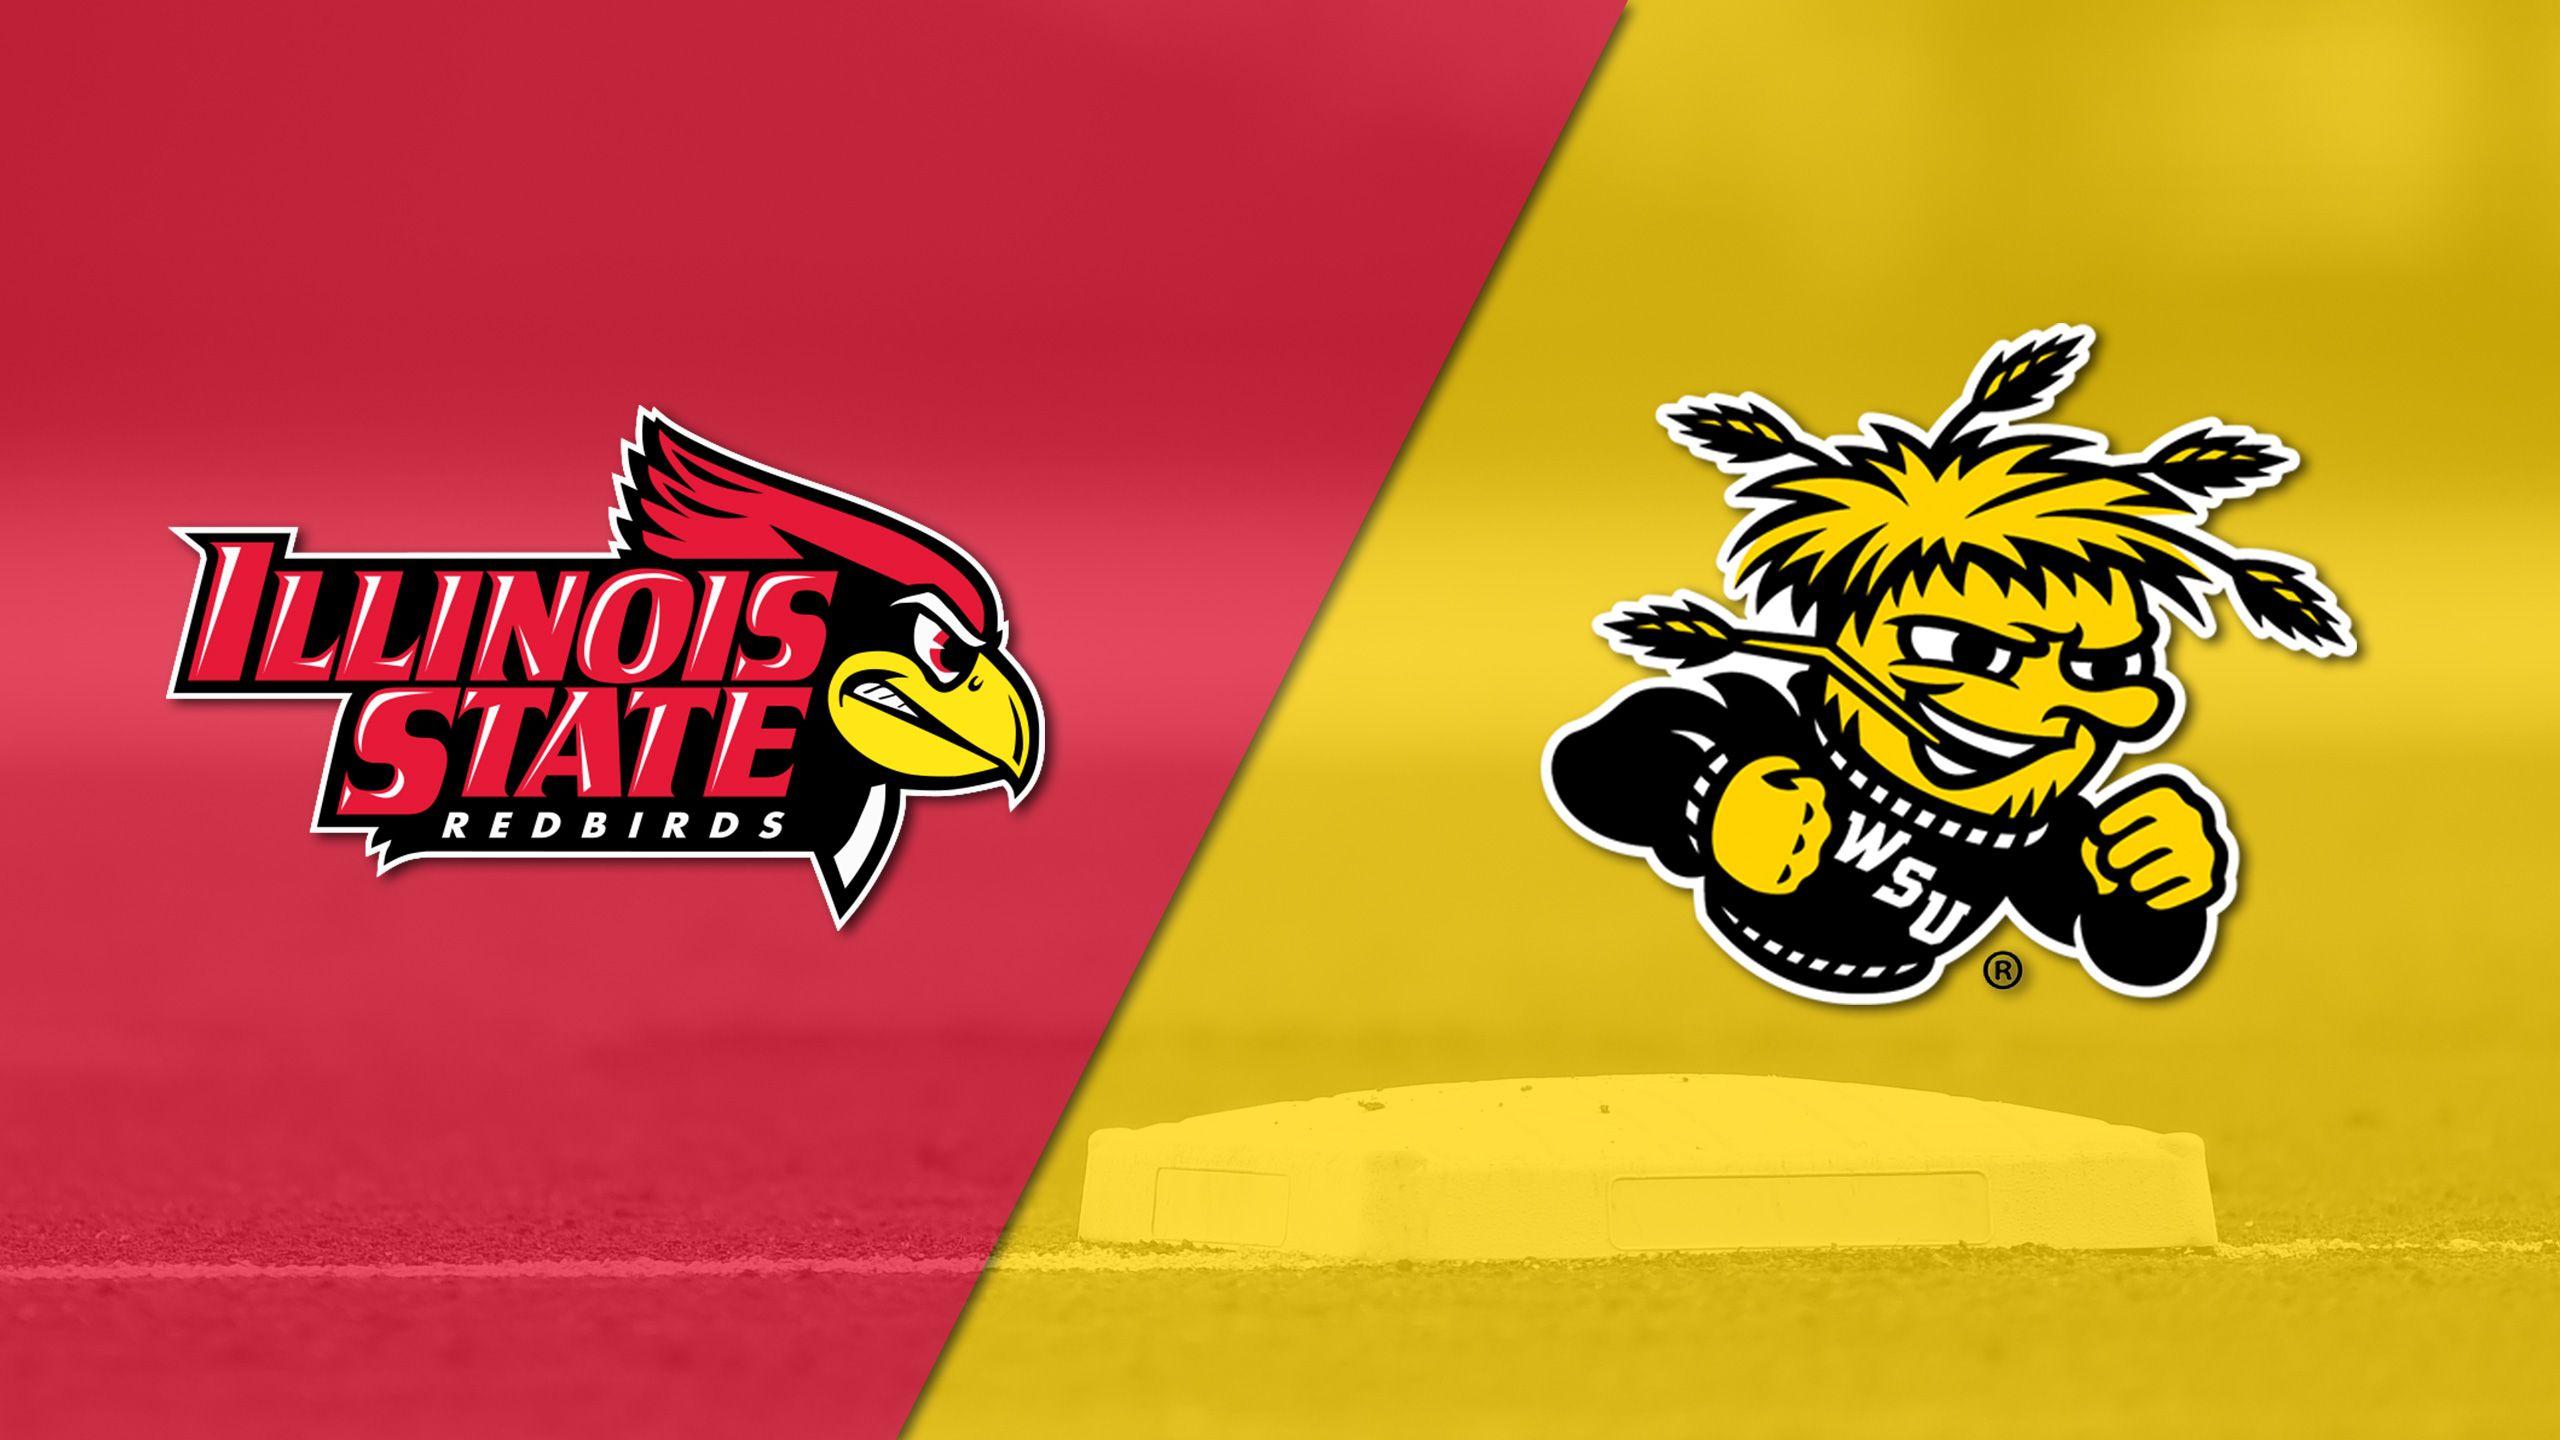 Illinois State vs. Wichita State (Baseball)